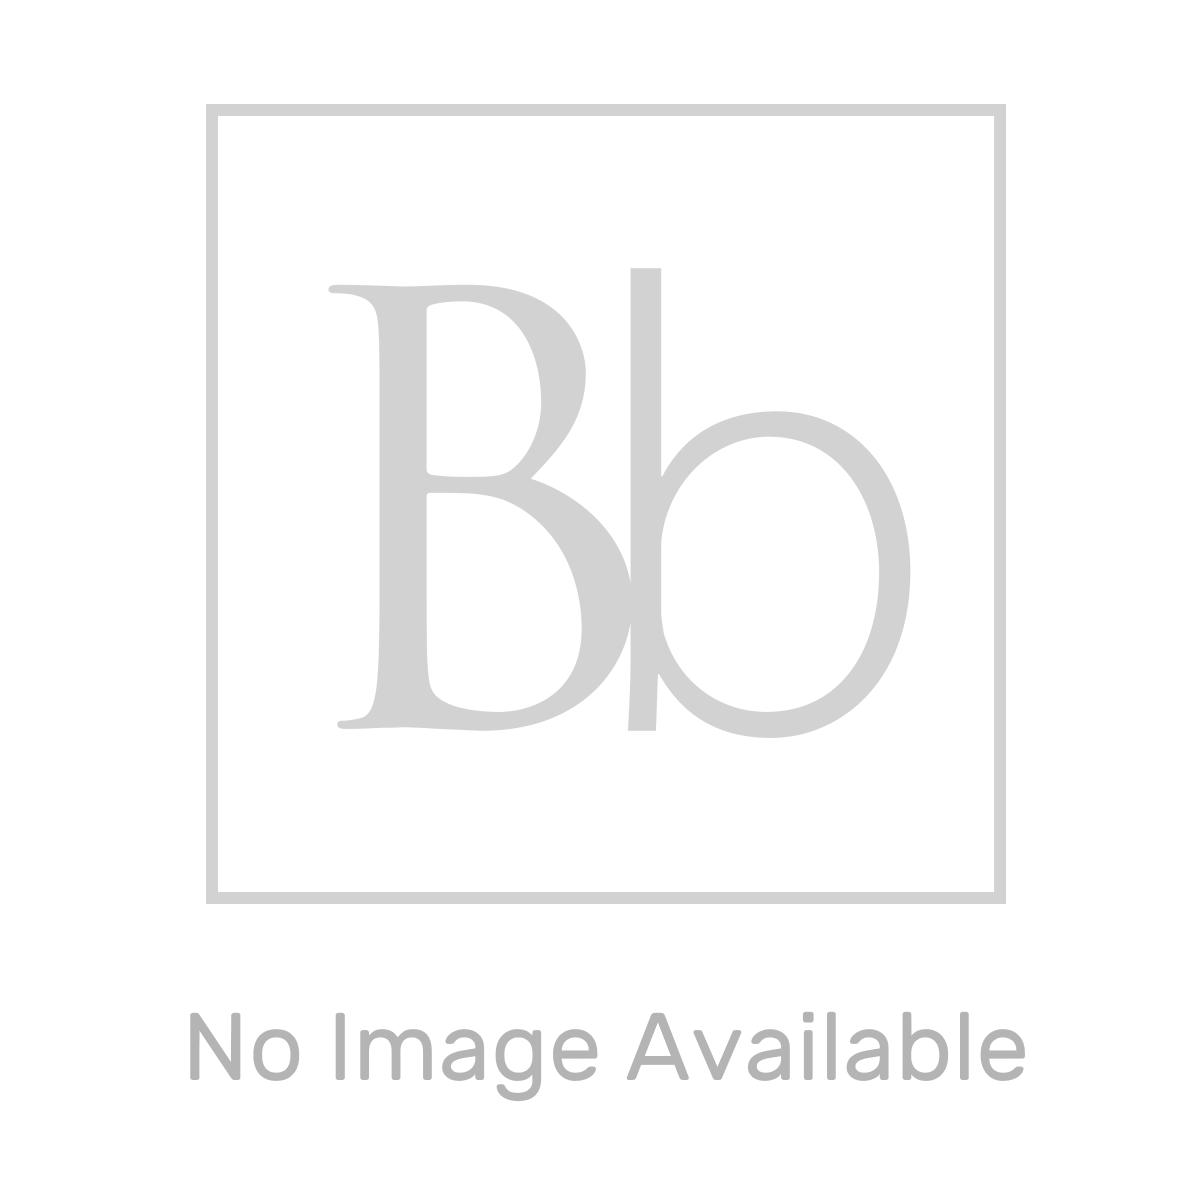 BTL Sherbourne Low Level Toilet  Line Drawing